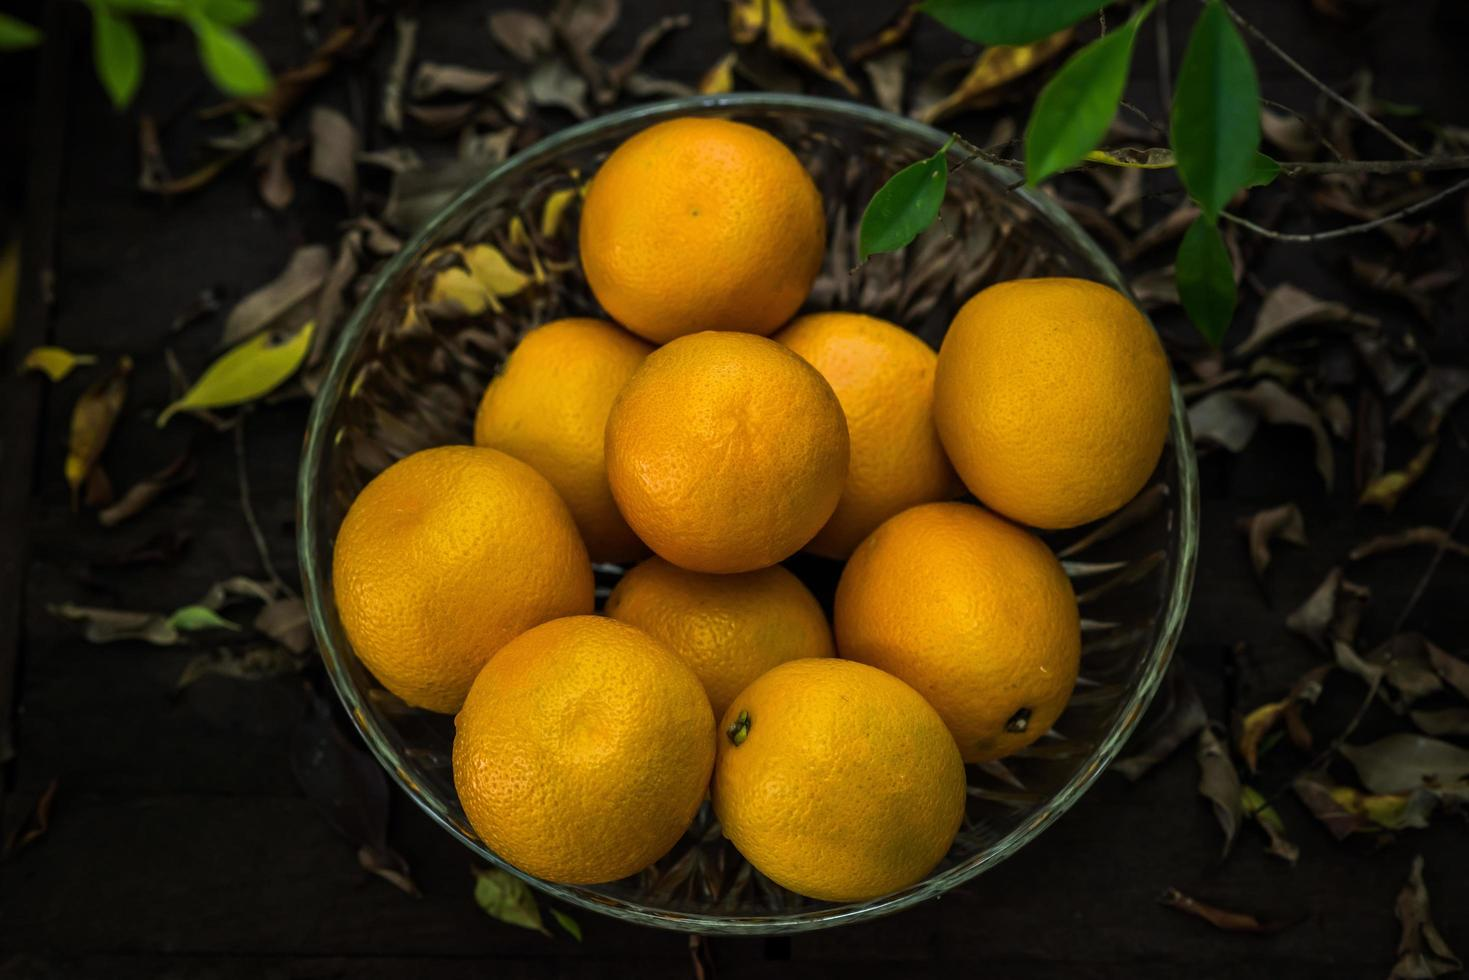 een mand met verse sinaasappelen in de natuur foto